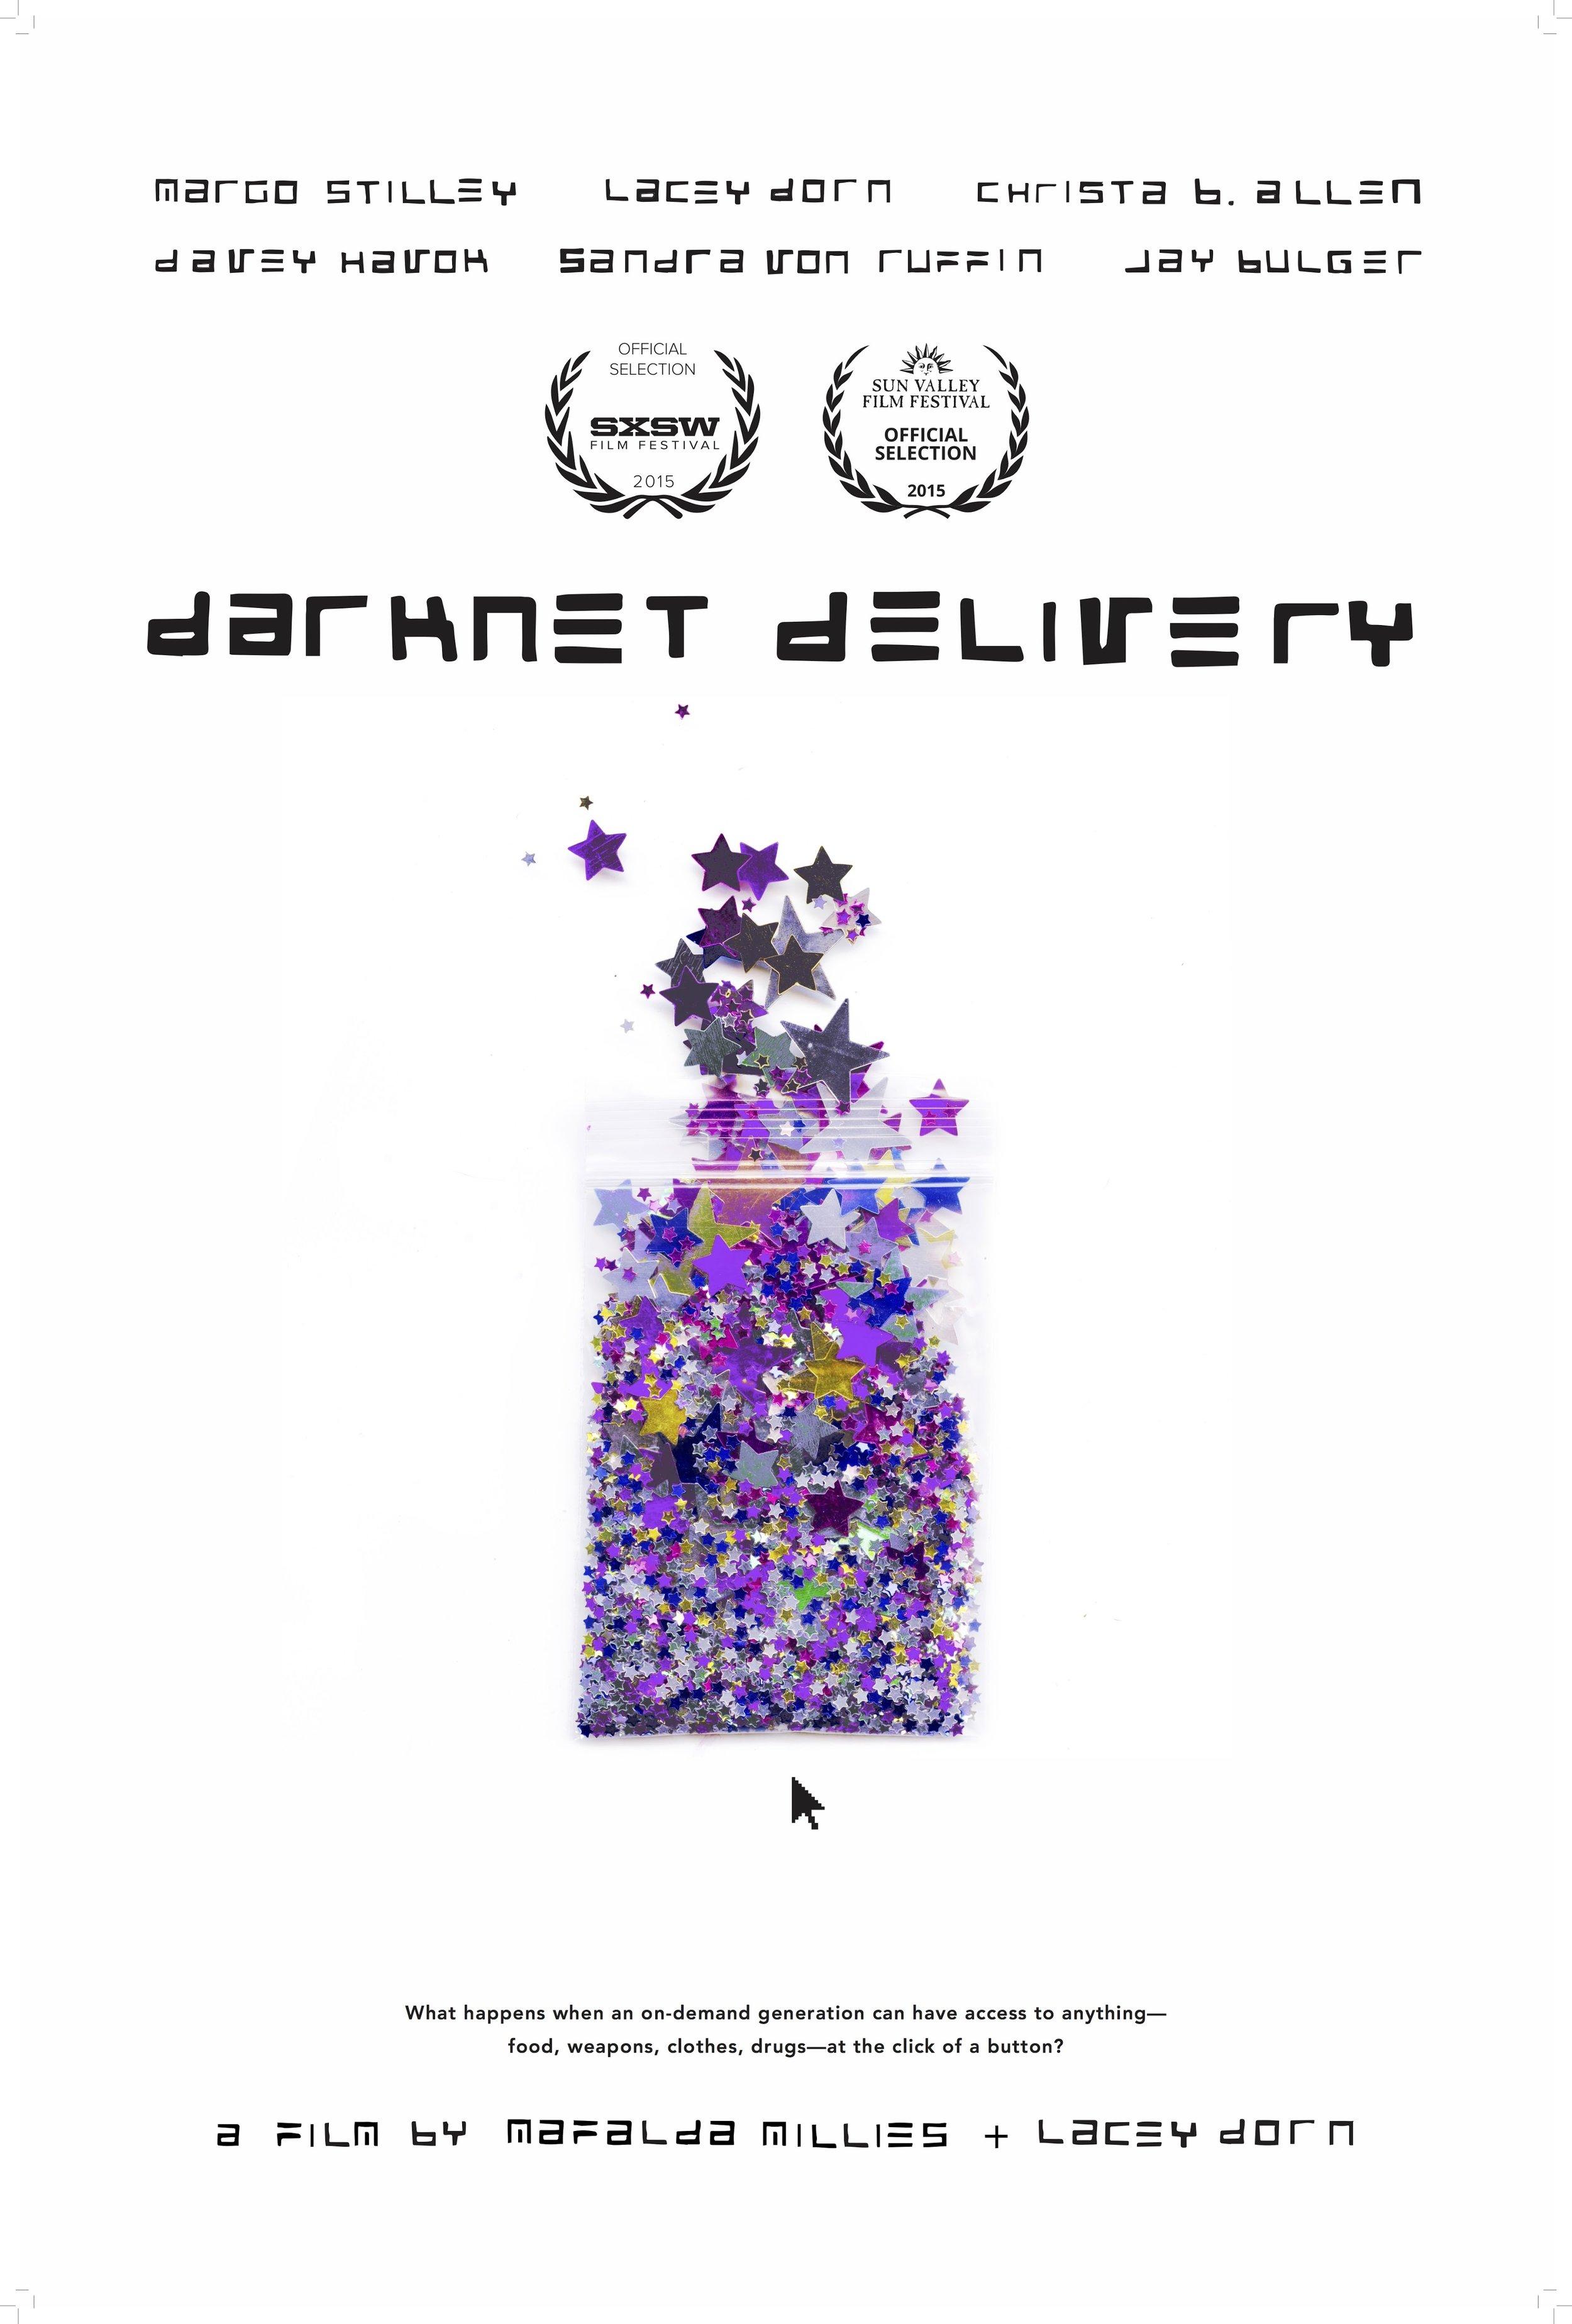 Darknet Delivery Poster 1.jpg